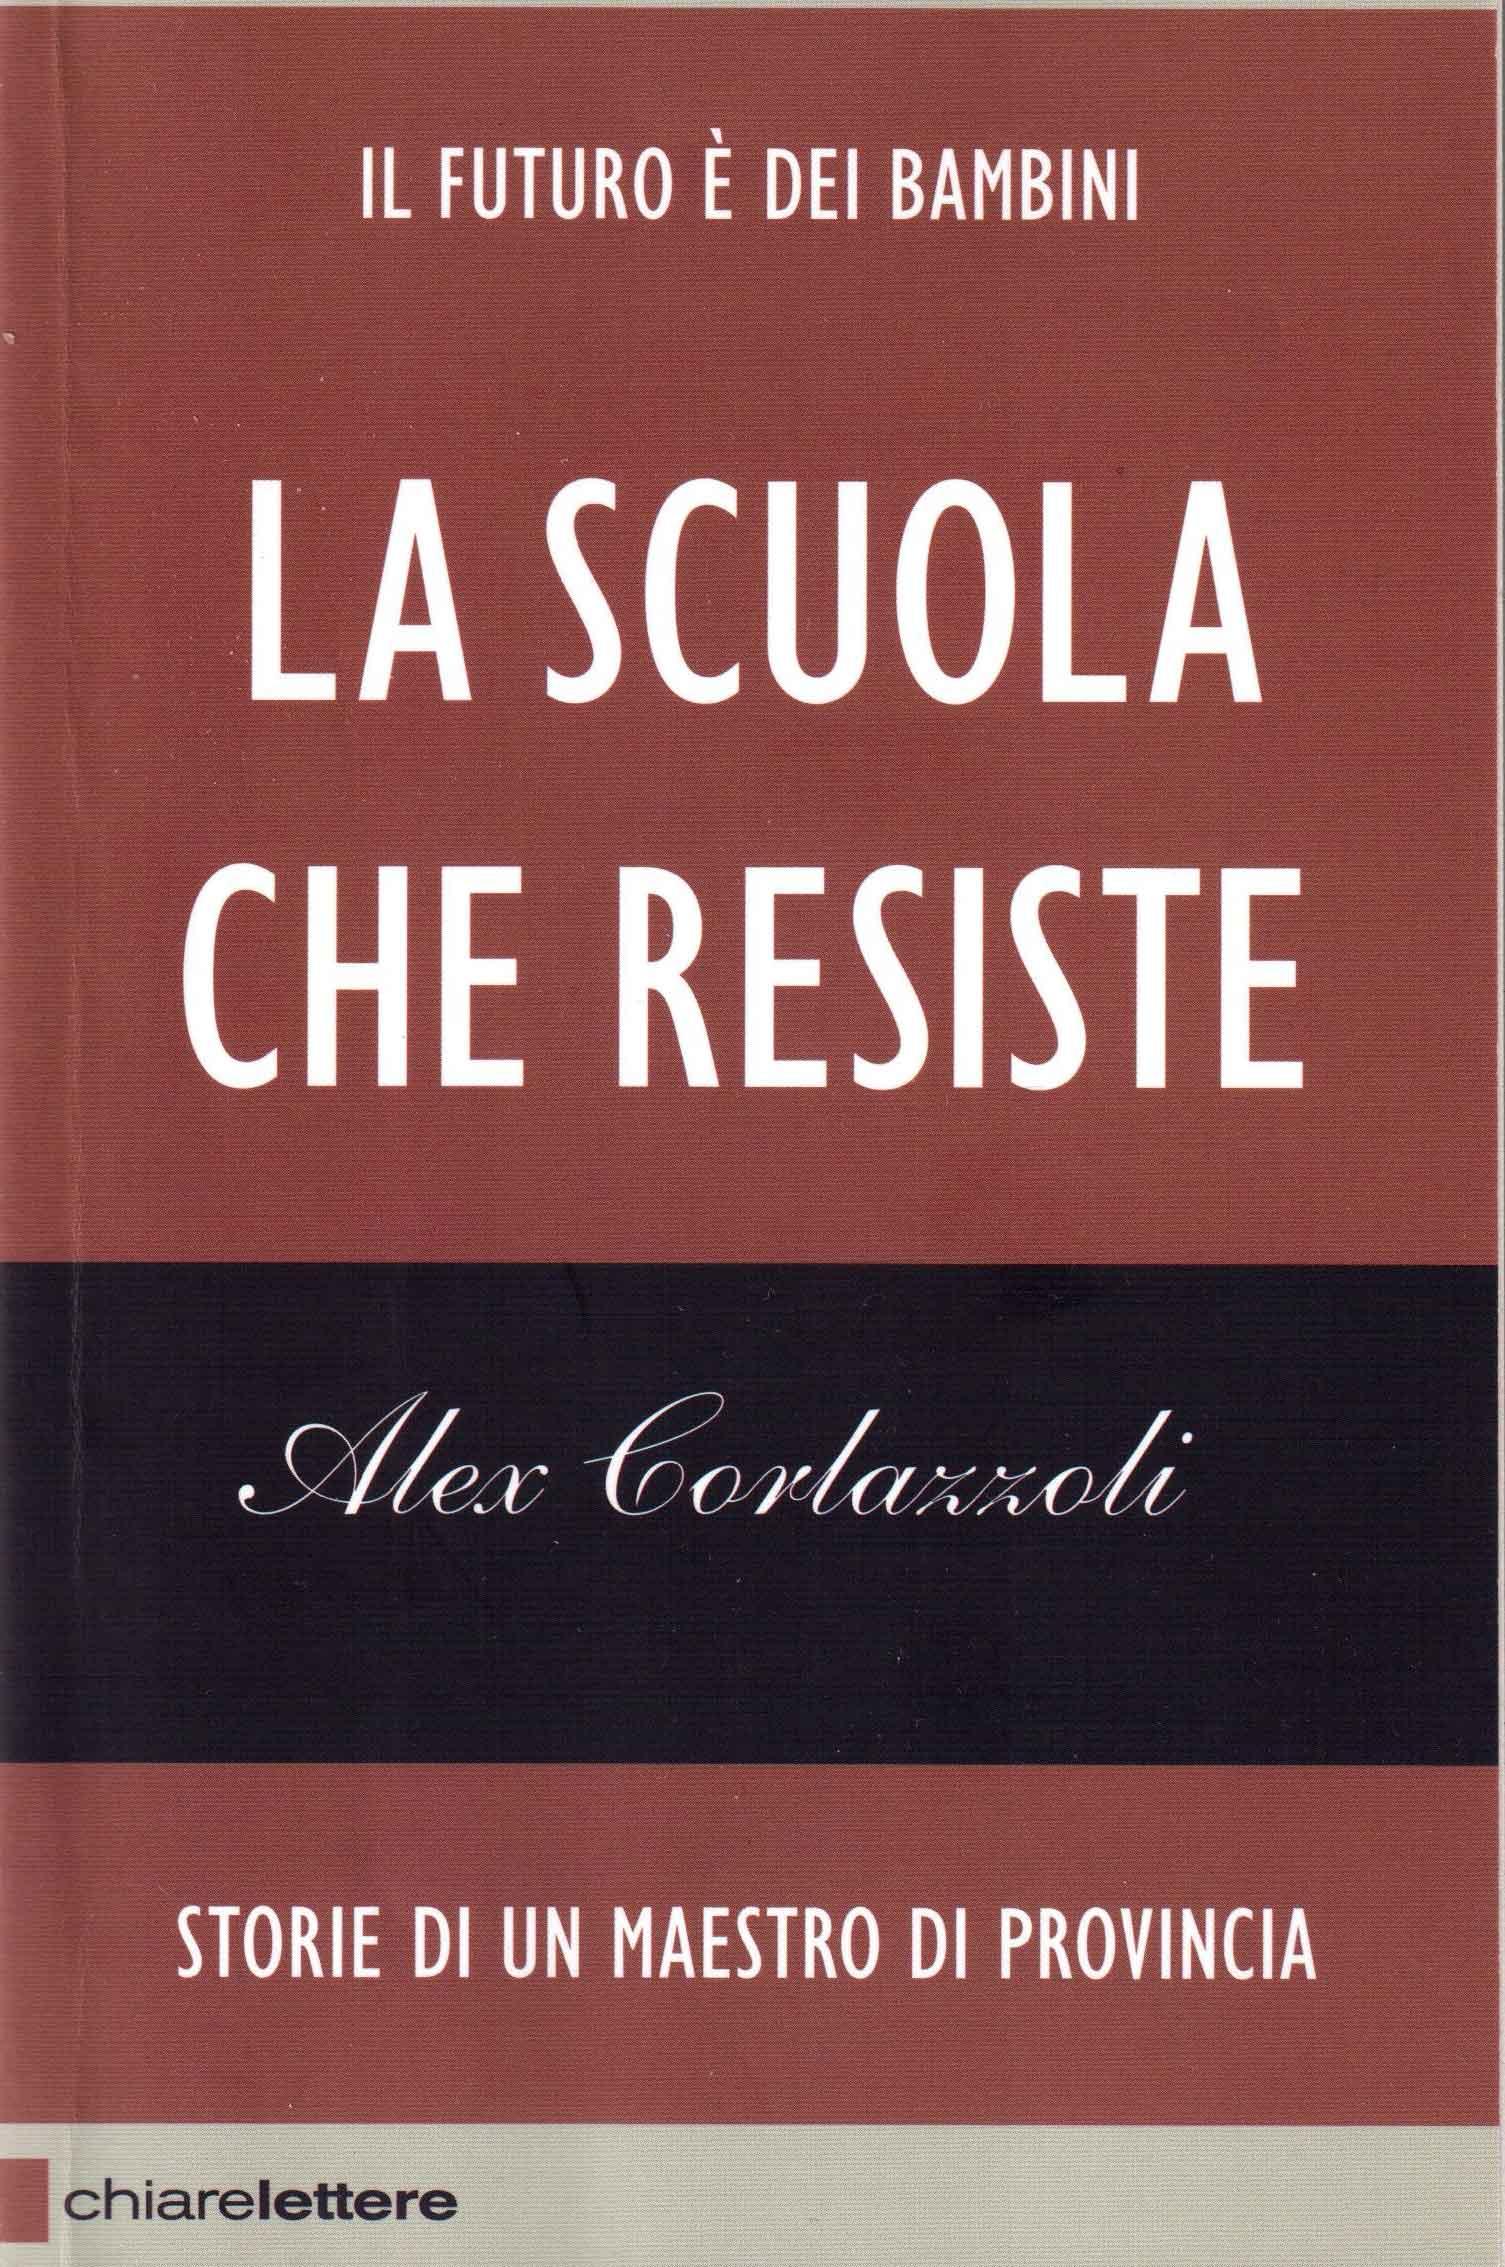 libro-corlazzoli